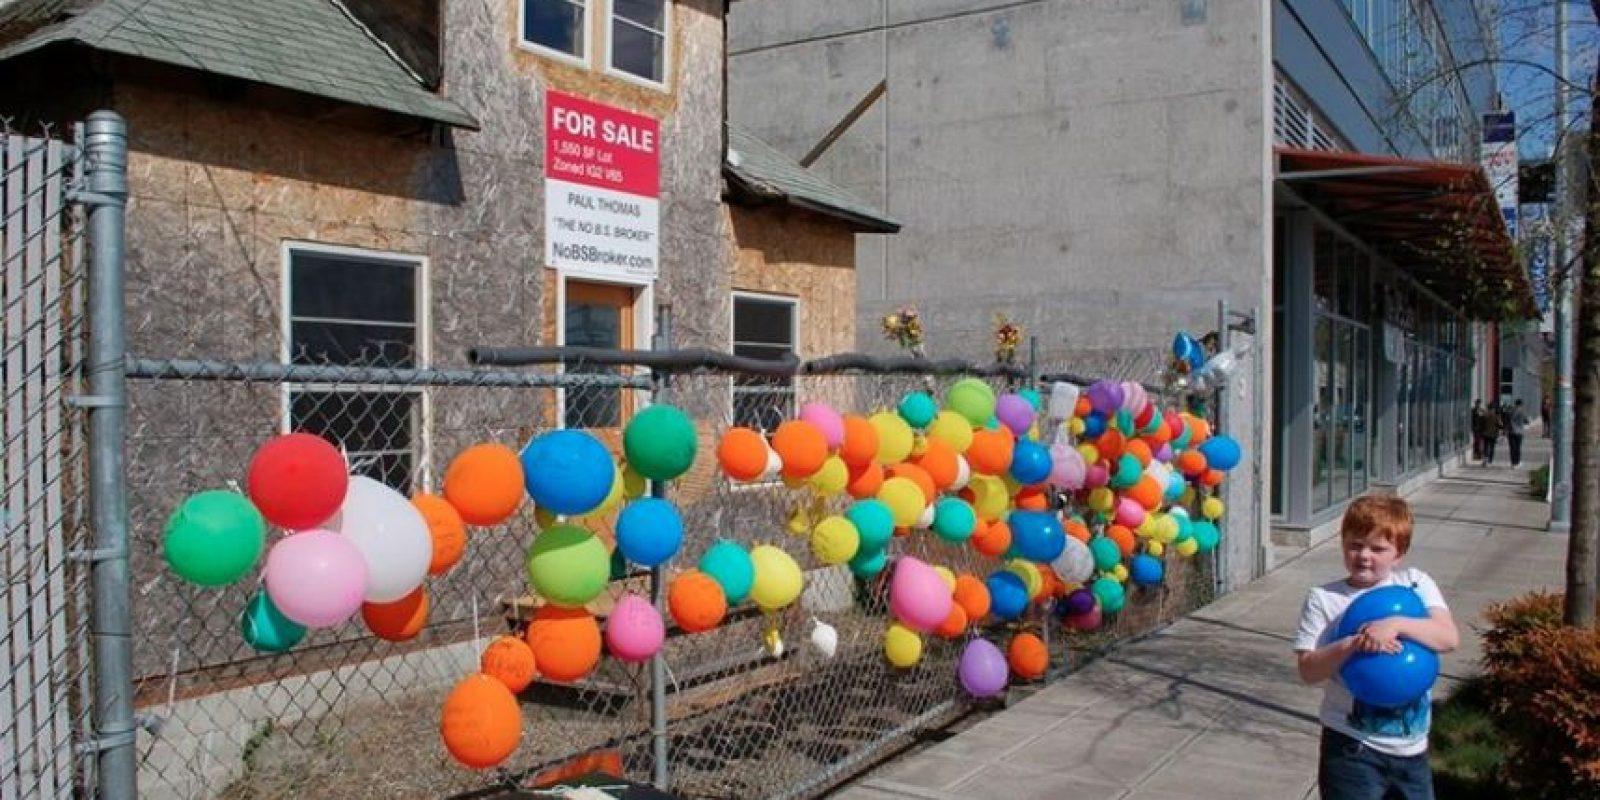 Edith Macefield se negó a vender su propiedad de Seattle y siguió habitándola a pesar de que estuvieran construyendo un centro comercial a su alrededor. Foto:Facebook/Edith Macefield House